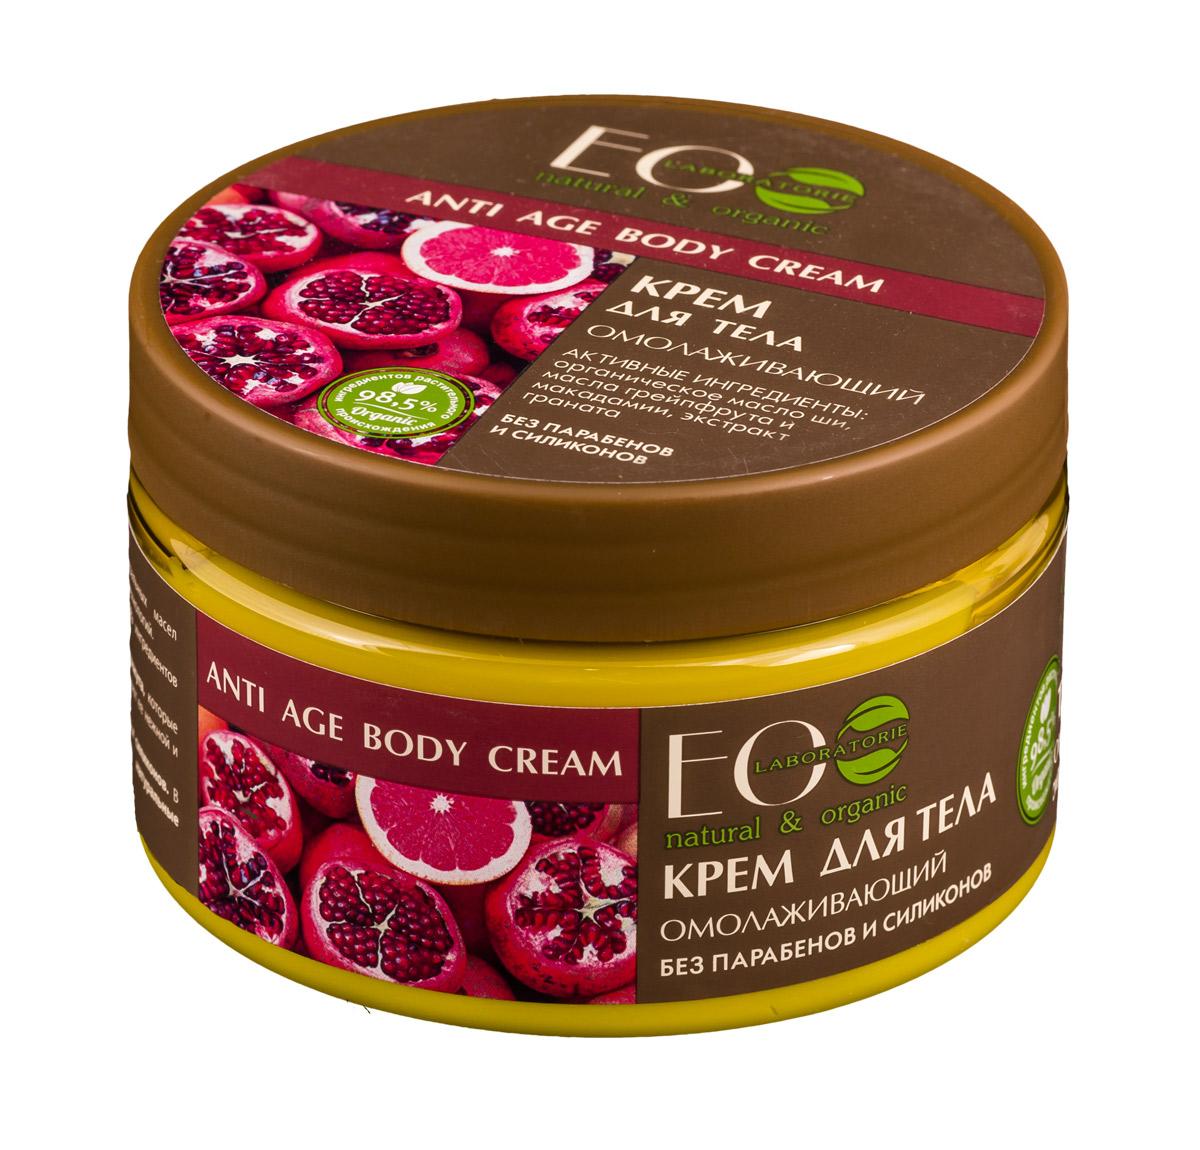 EcoLab ЭкоЛаб Крем для тела Омолаживающий 250 мл4627089430601Помогает удерживать влагу в коже, что предотвращает ее от преждевременного старения, придает ей эластичность, улучшает общее состояние кожи. Насыщает кожу витаминами и полезными веществами, делает ее подтянутой и ухоженной.Активные ингредиенты: масло грейпфрута, ши, кунжута, макадамии, экстракт граната